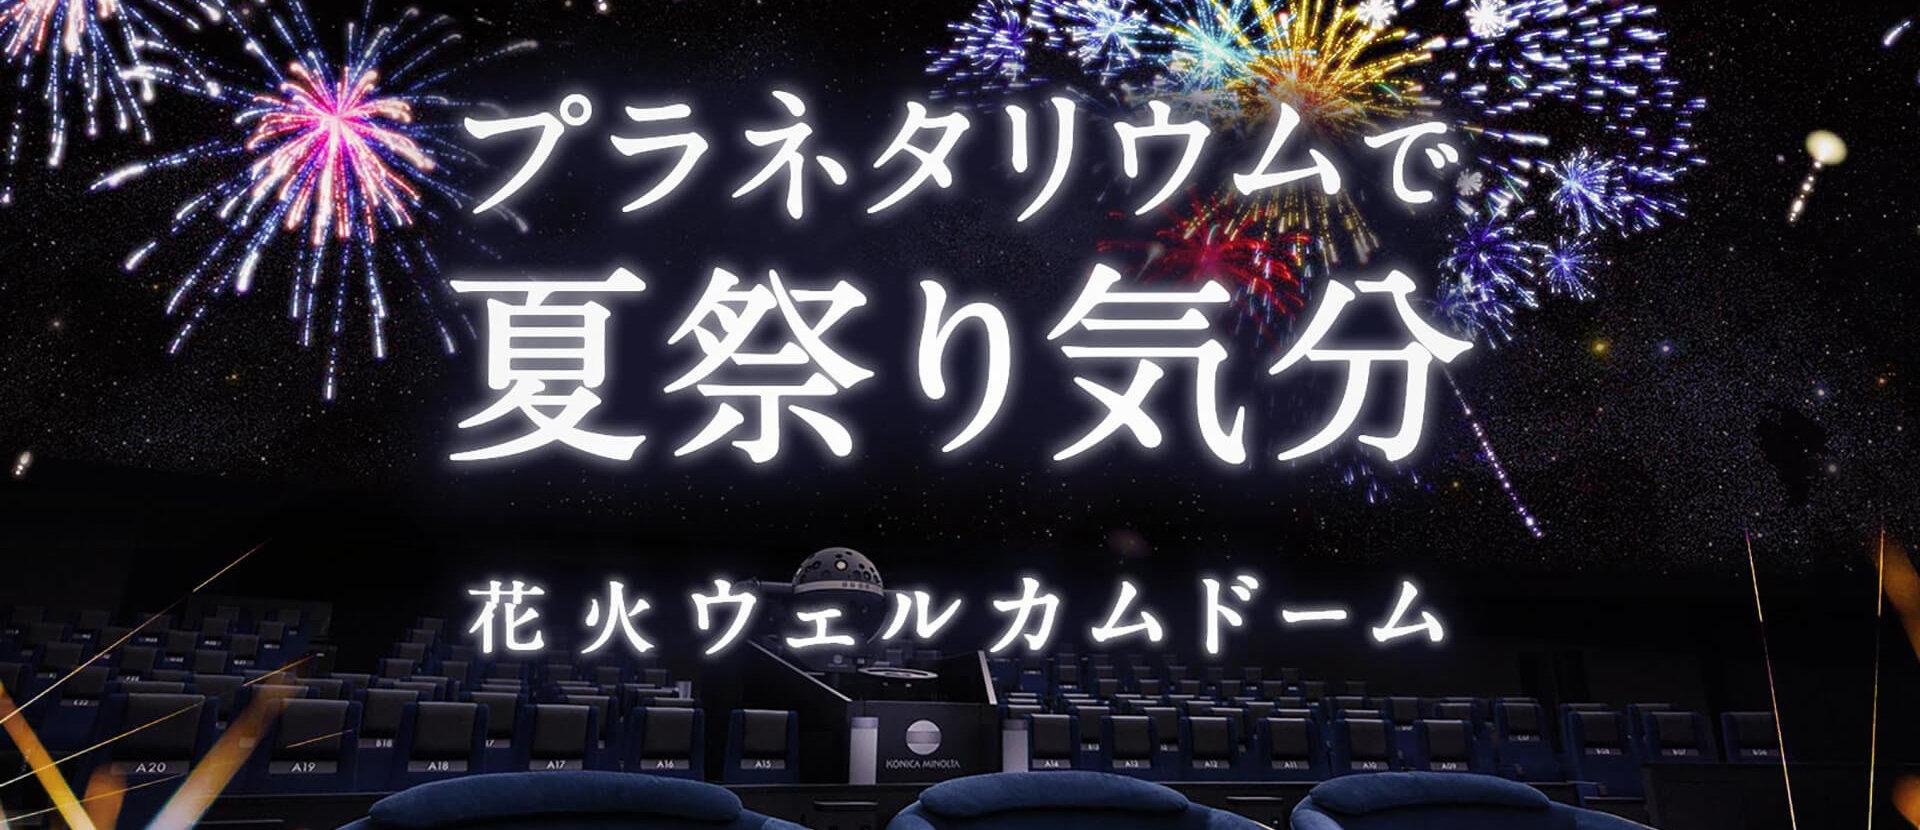 """コニカミノルタプラネタリウム""""天空""""in 東京スカイツリータウン「花火ウェルカムドーム」"""